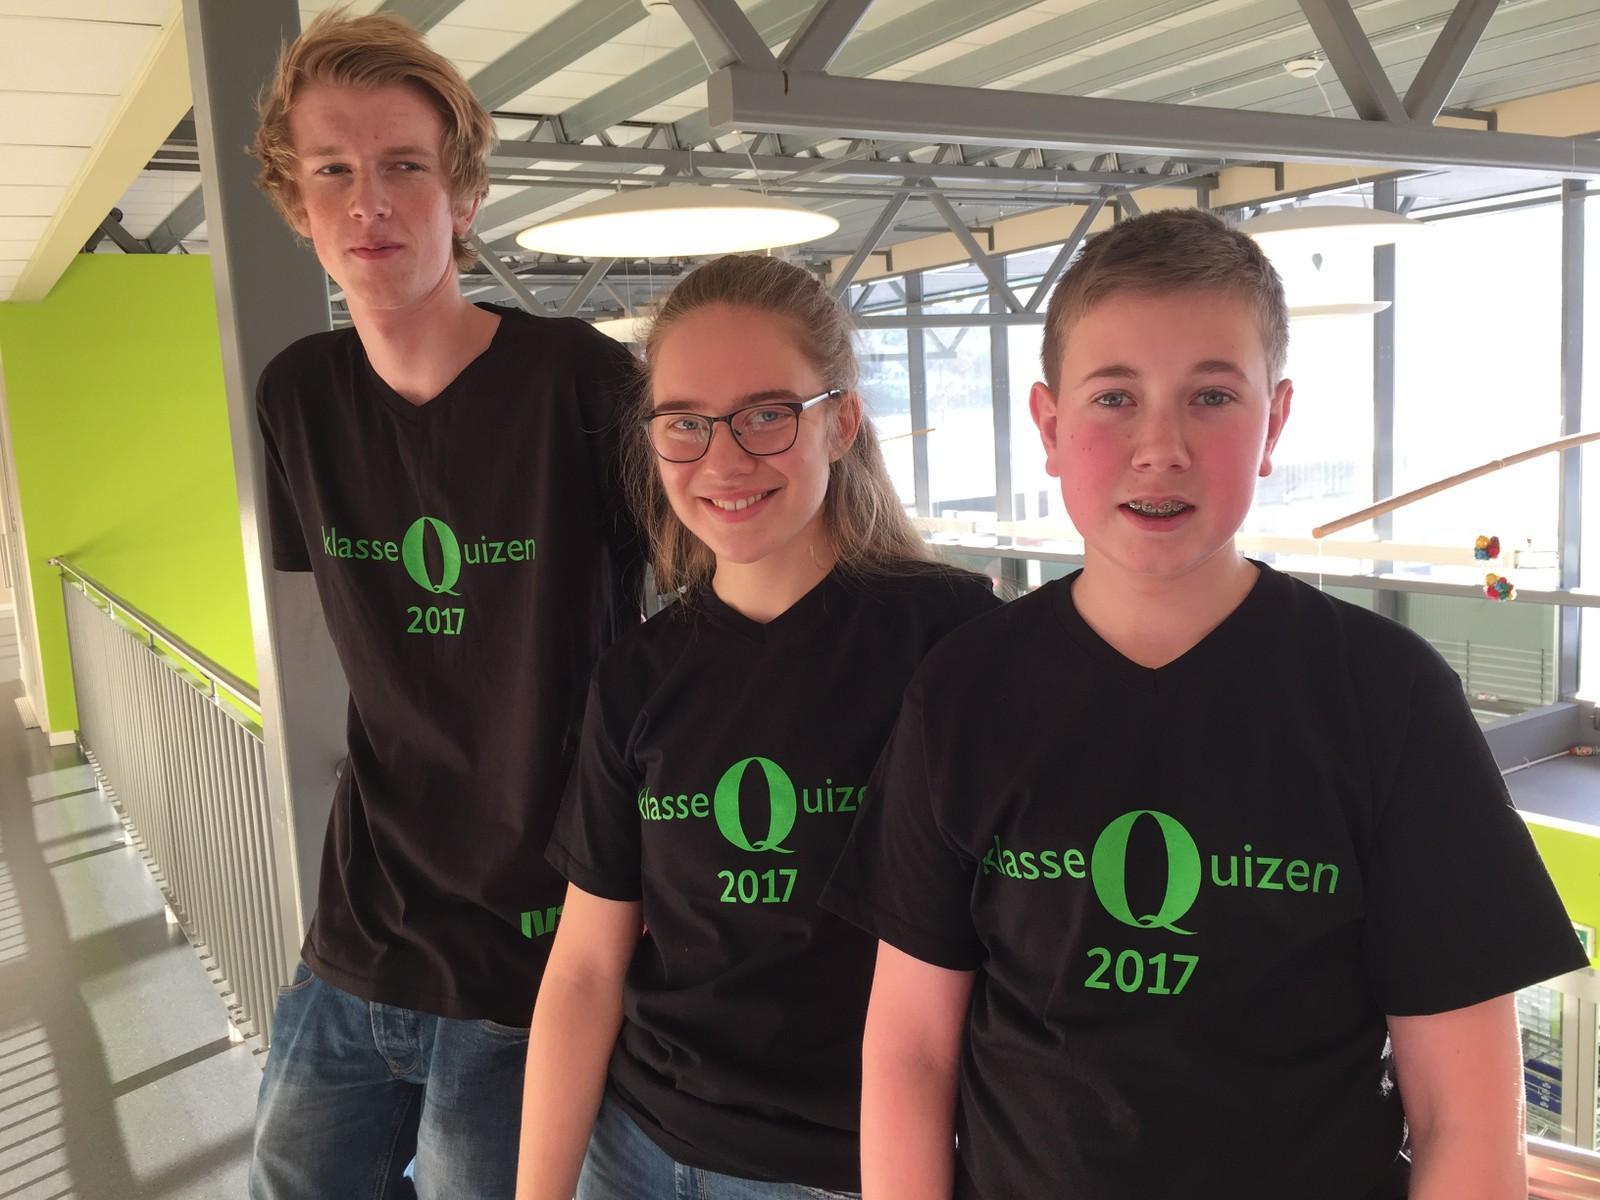 Syver Olstad, Nikoline Killi Haugen og Alexander Flati Brobakken fra Otta ungdomsskole fikk åtte poeng.